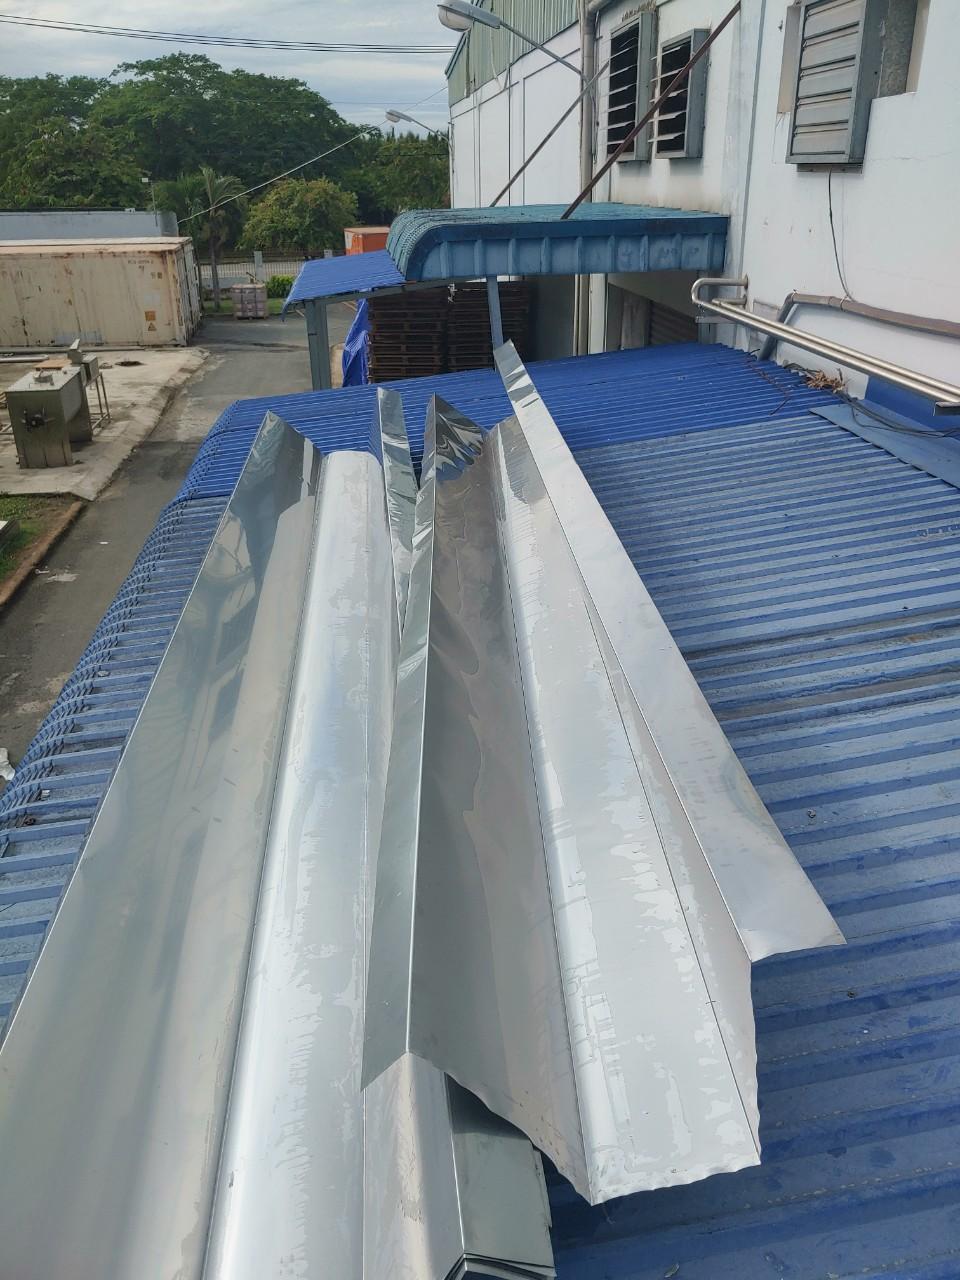 làm máng xối trọn gói tại Hà Nội - 0368115251